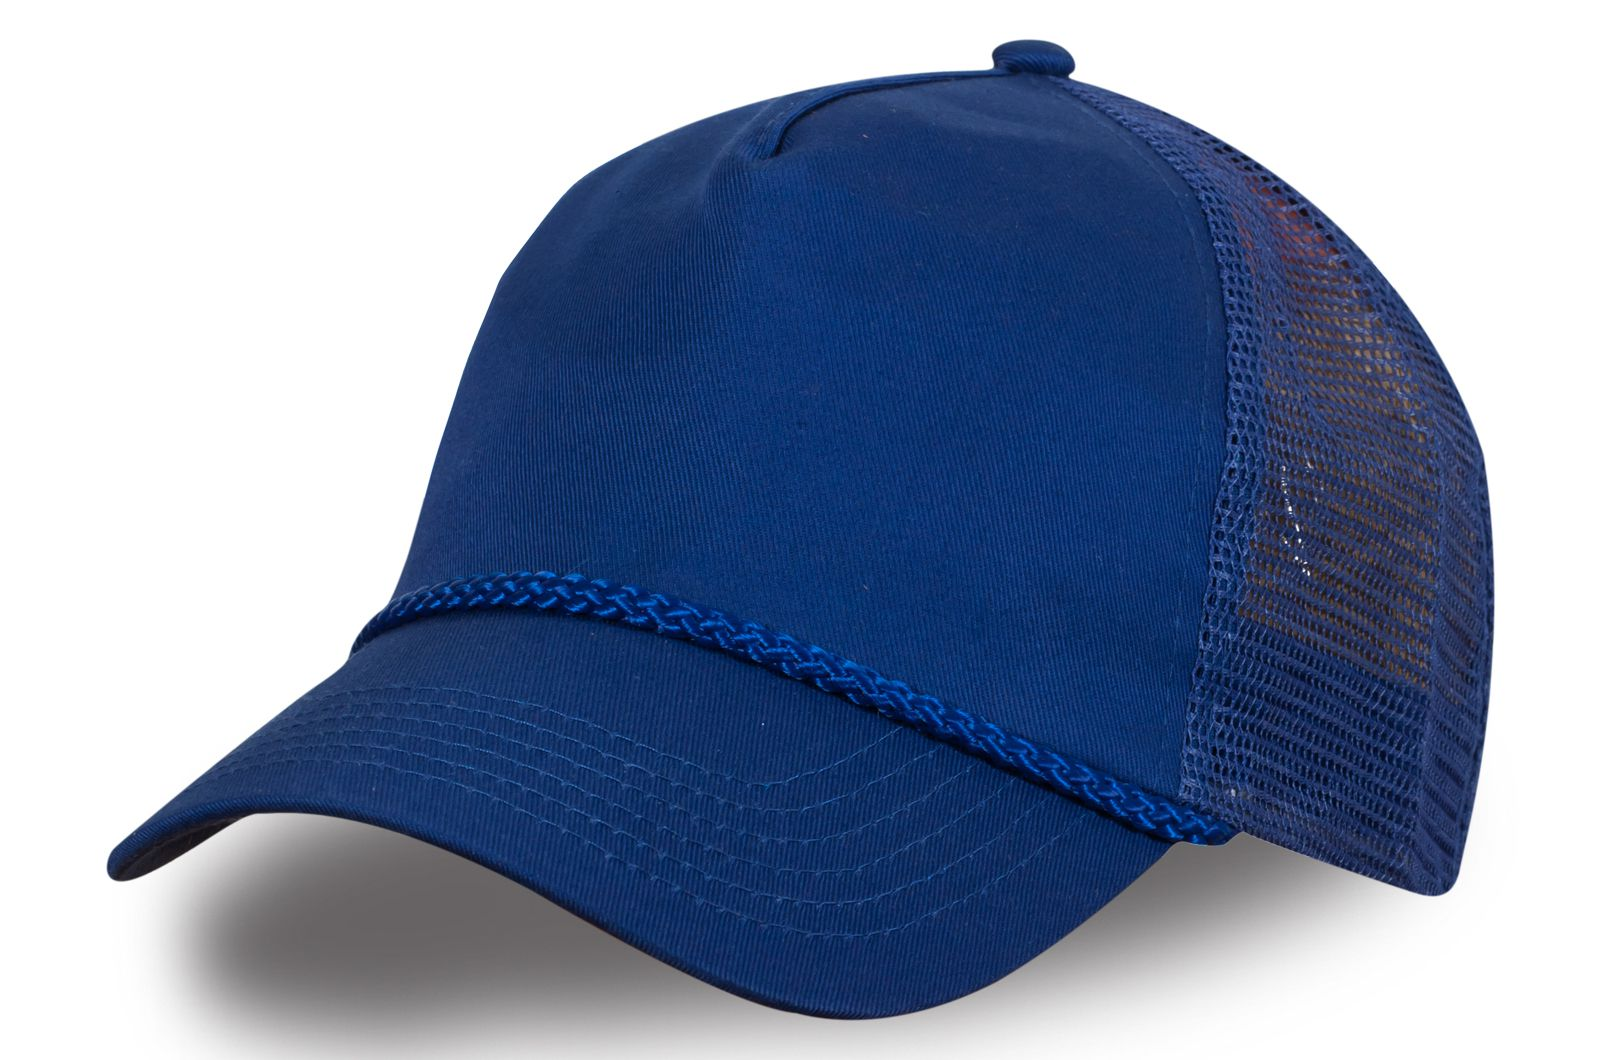 Бейсболка сетчатая синяя - купить с доставкой